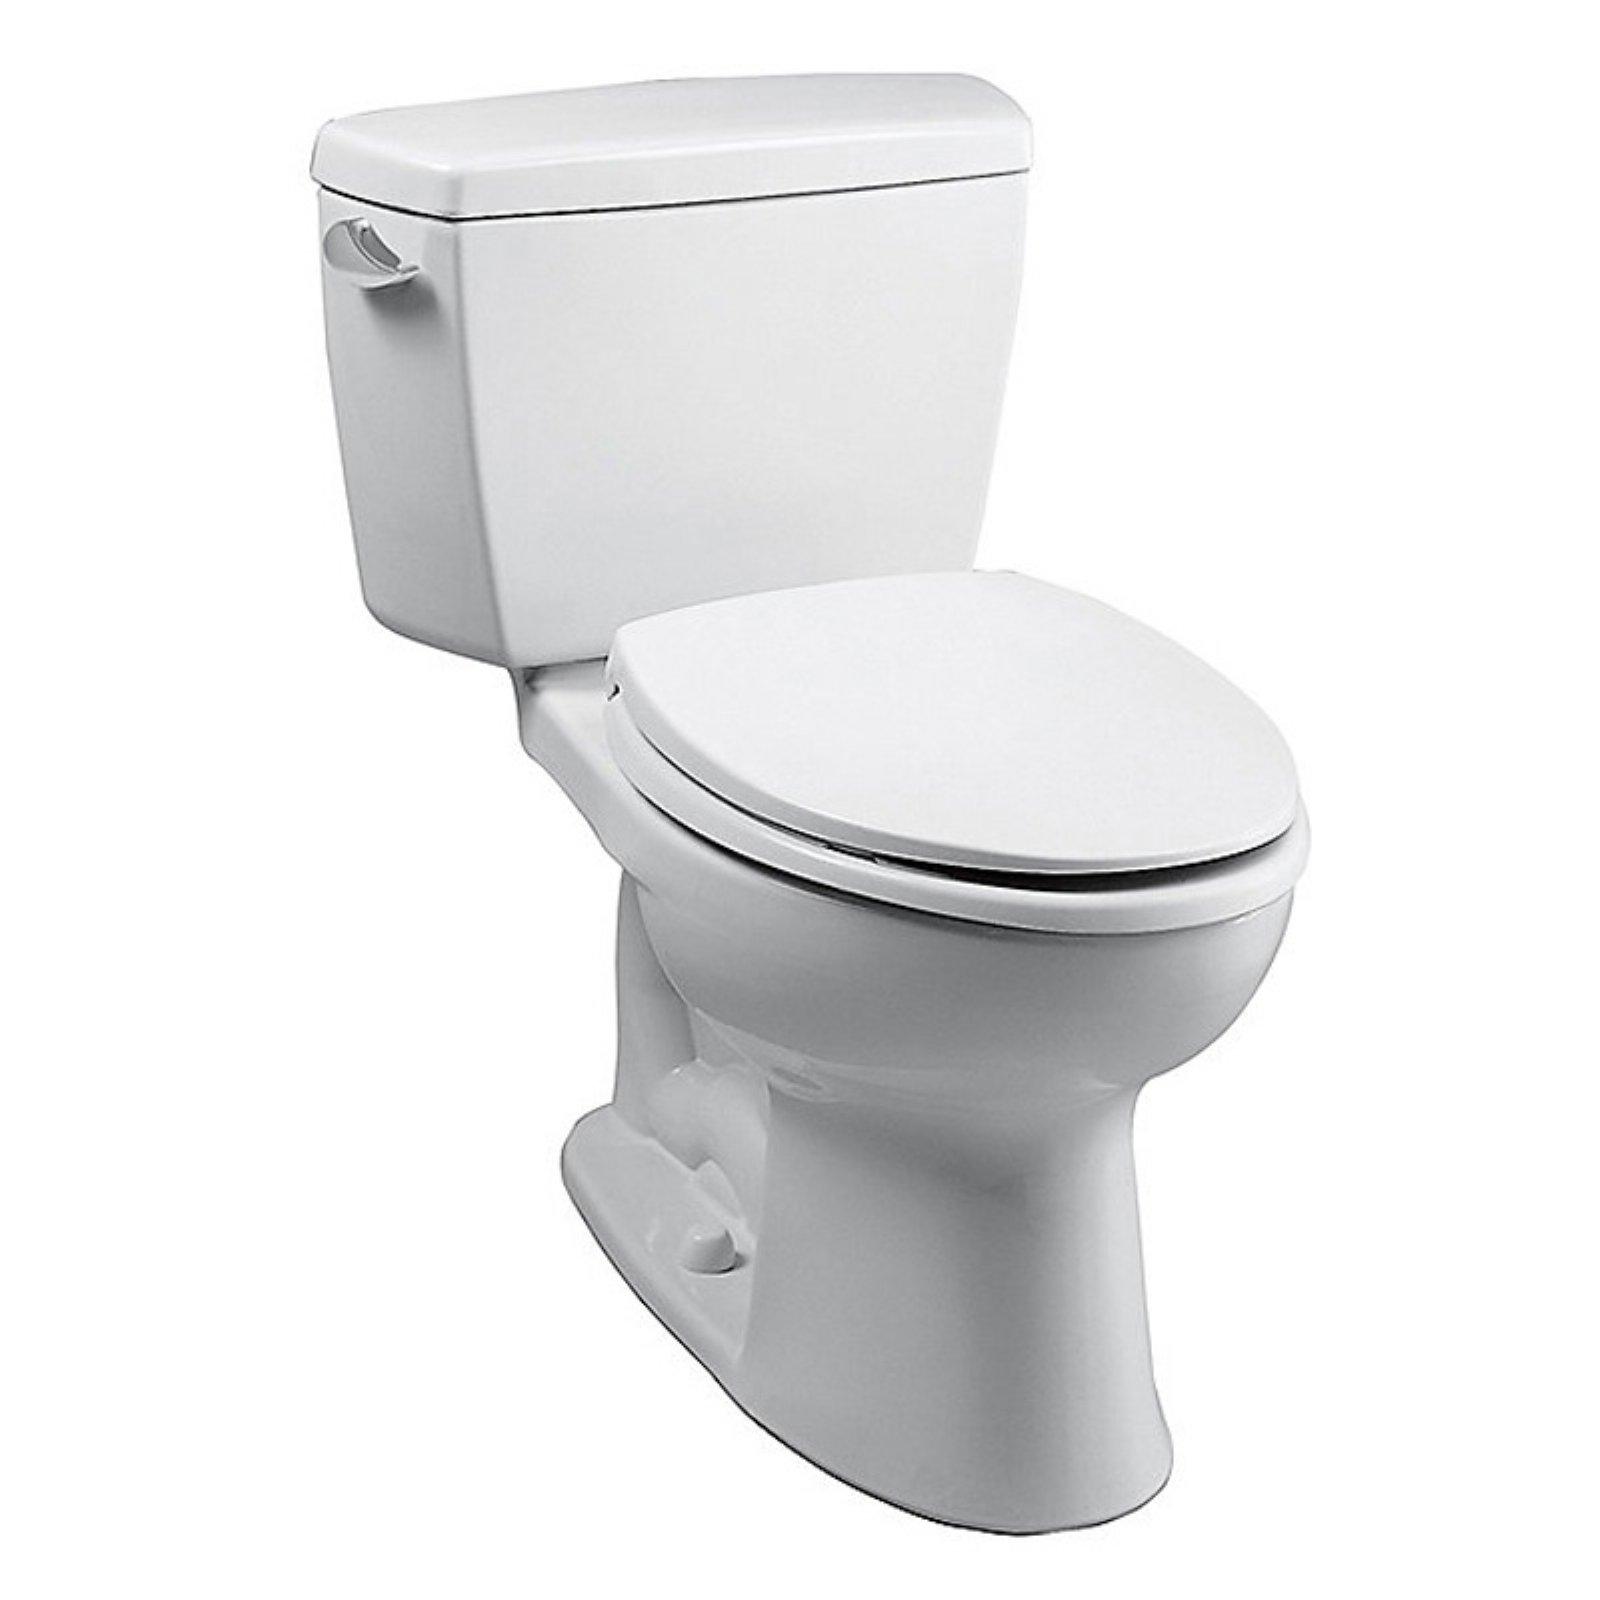 Toto Drake Cst744sl Elongated 2 Piece Toilet Cotton White Toto Toilet